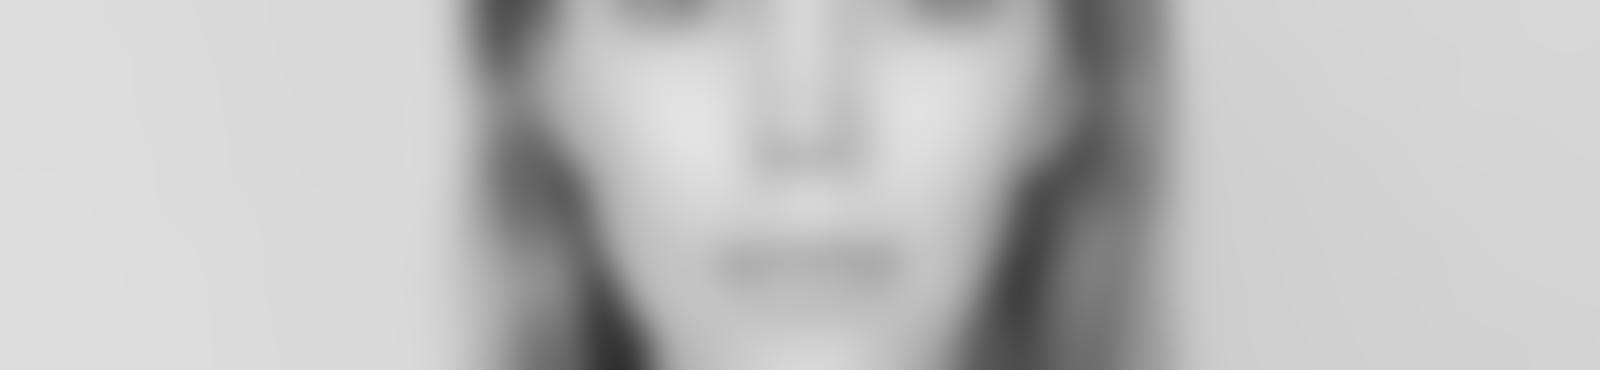 Blurred 1c1d8176 e022 4926 ae1f 1cfce812f0e7